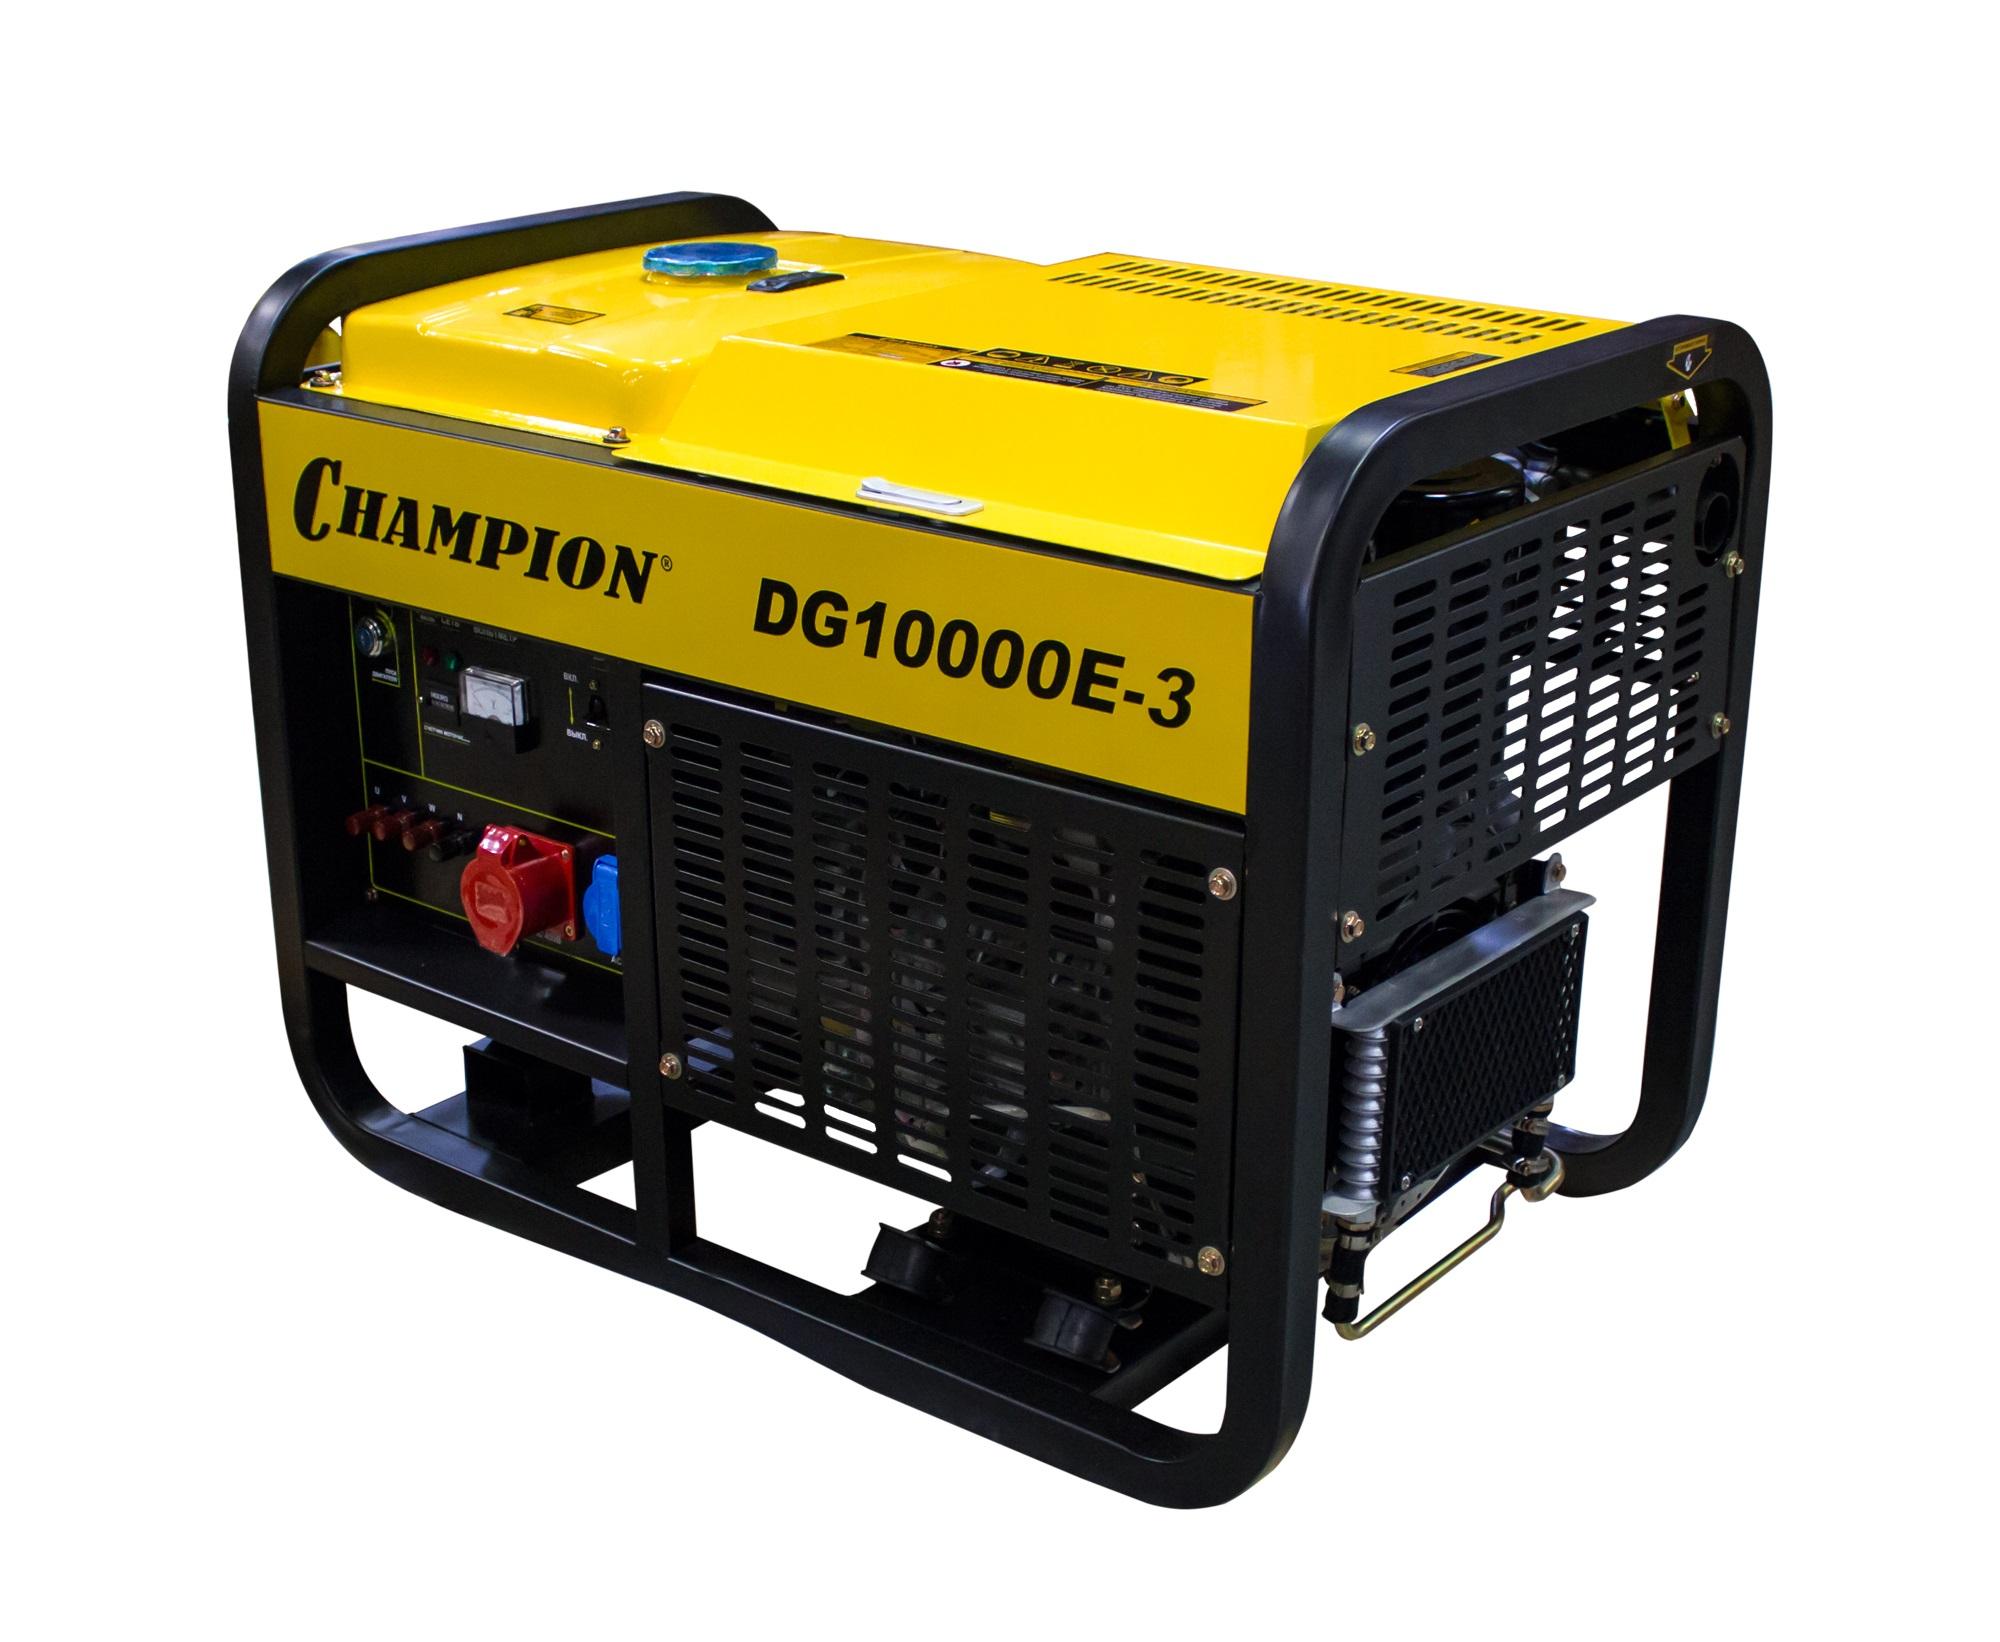 где купить Дизельный генератор Champion Dg10000e-3 по лучшей цене